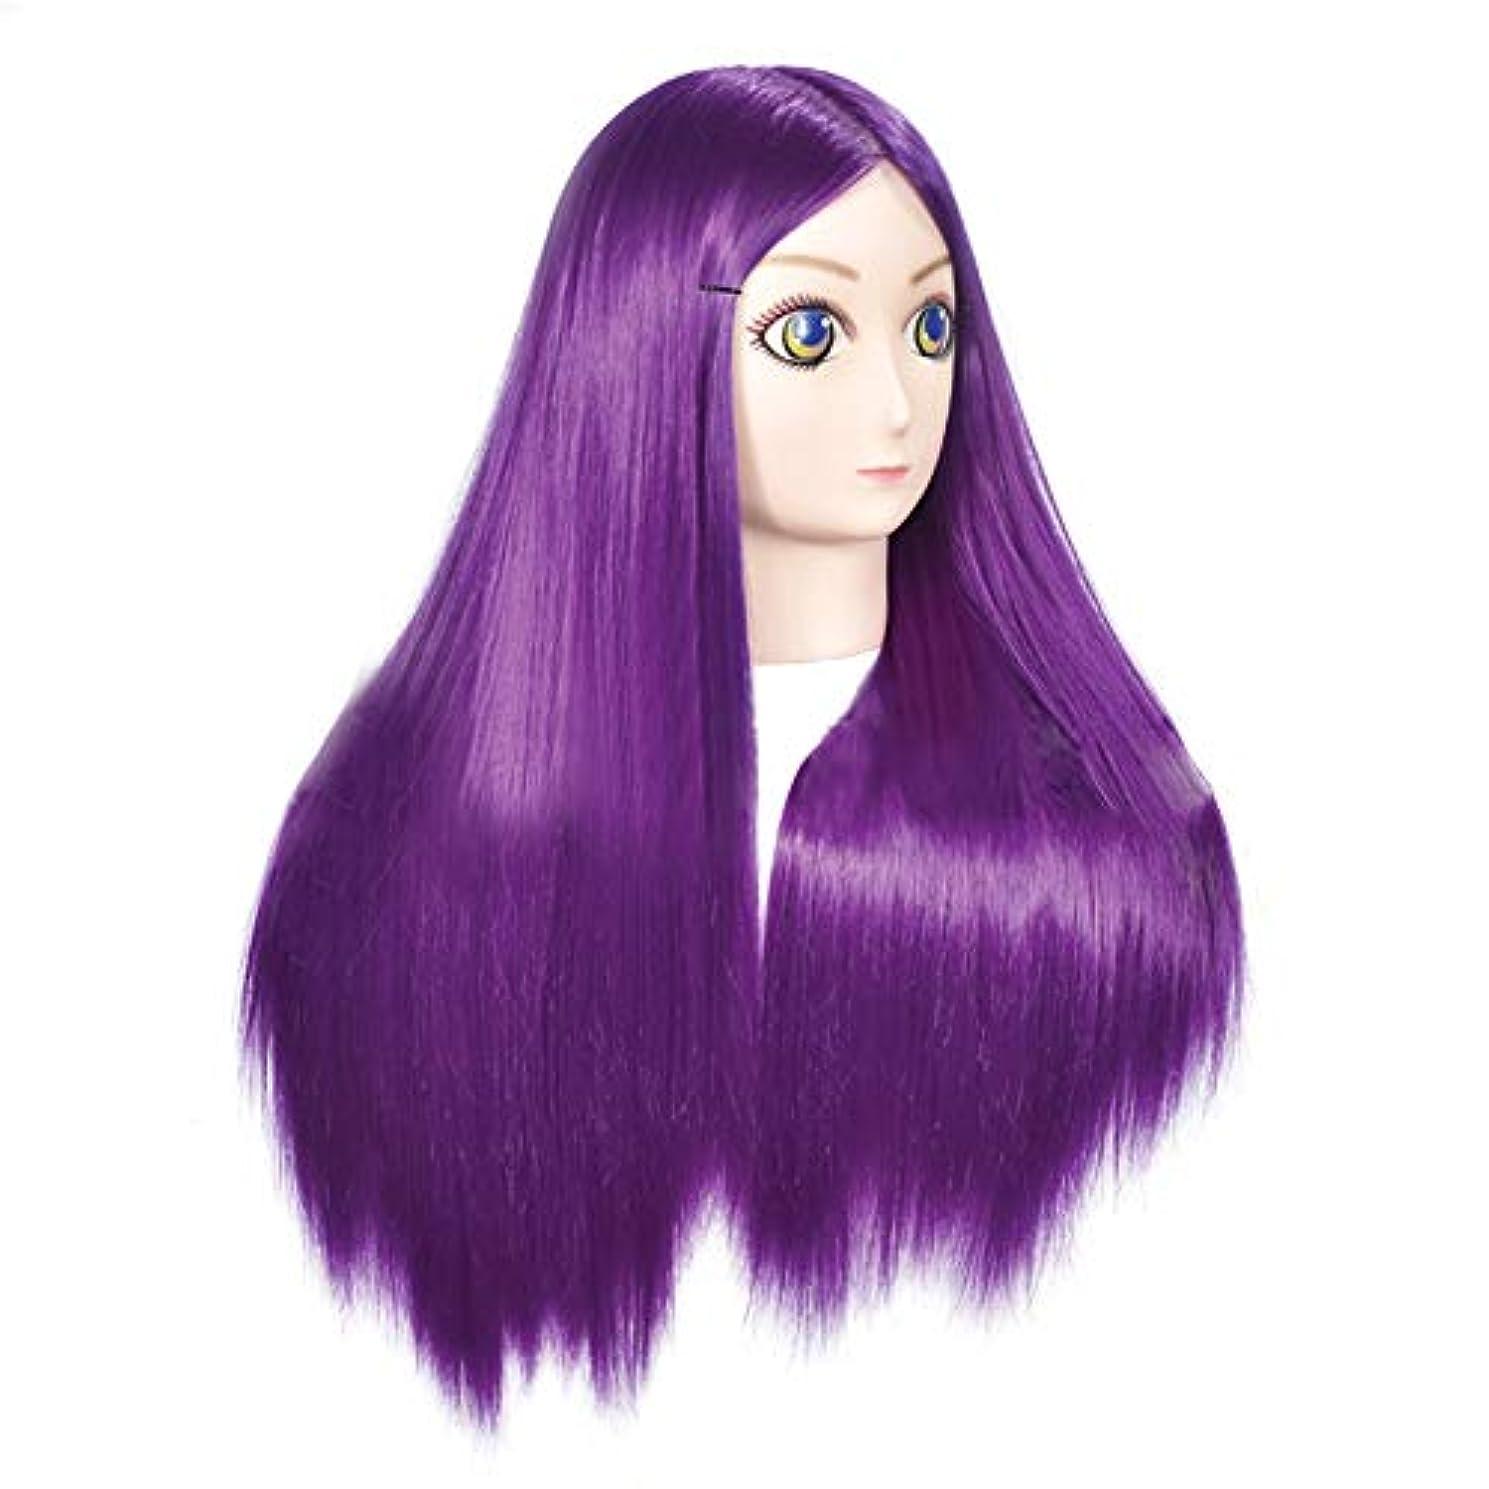 差別化する灰影のある高温シルクヘアスタイリングモデルヘッド女性モデルヘッドティーチングヘッド理髪店編組髪染め学習ダミーヘッド